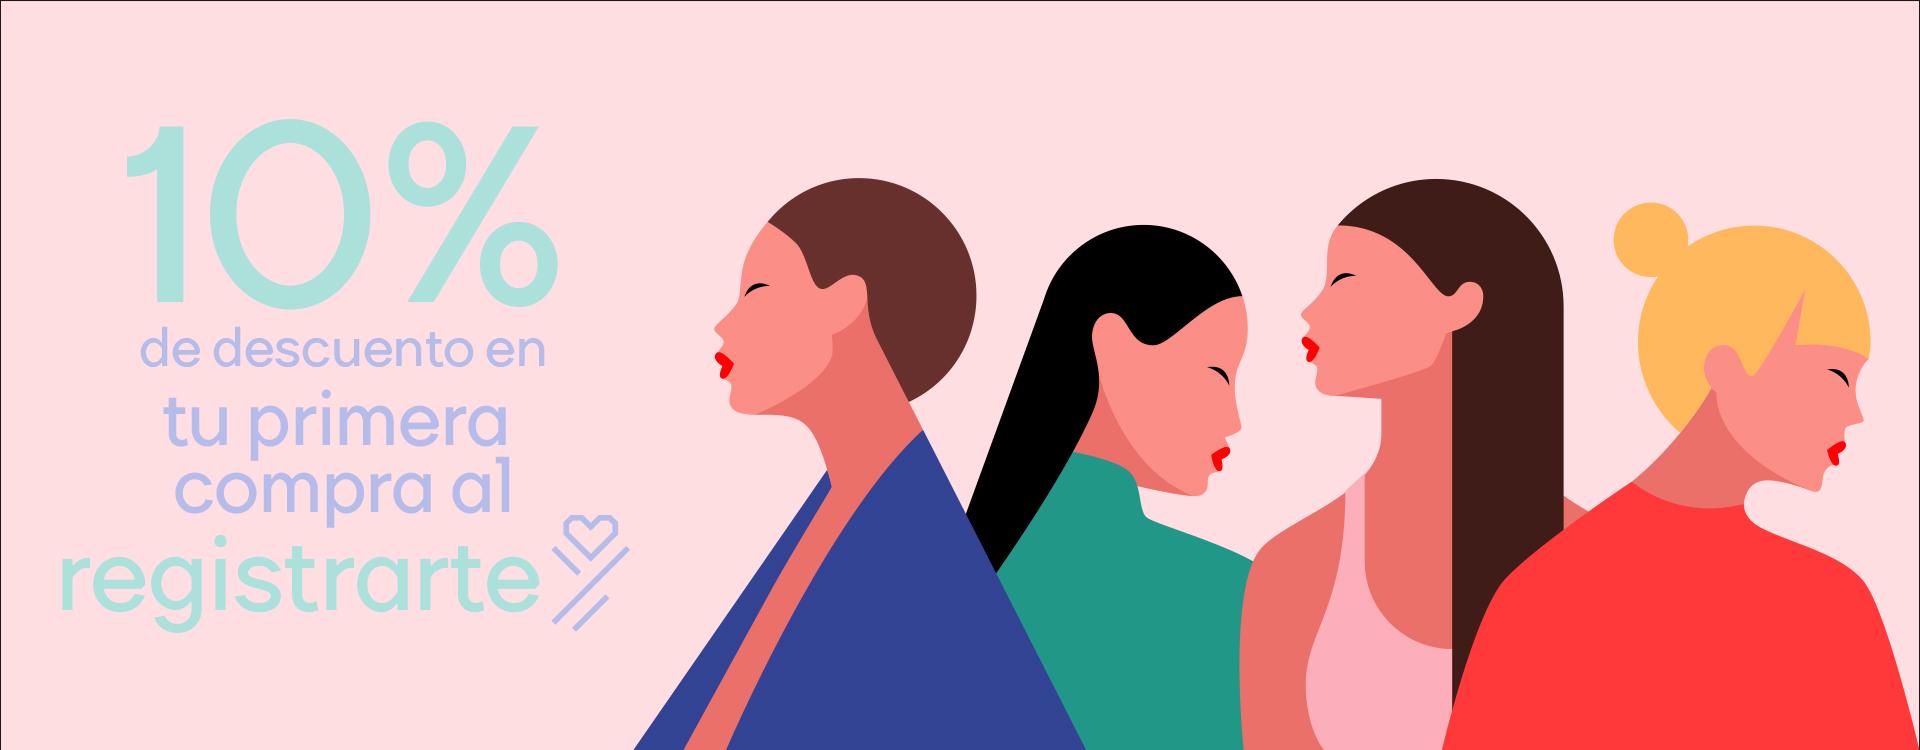 Recibe un 10% de descuento en tu primera compra al registrarte, Biutiko Korean Beauty